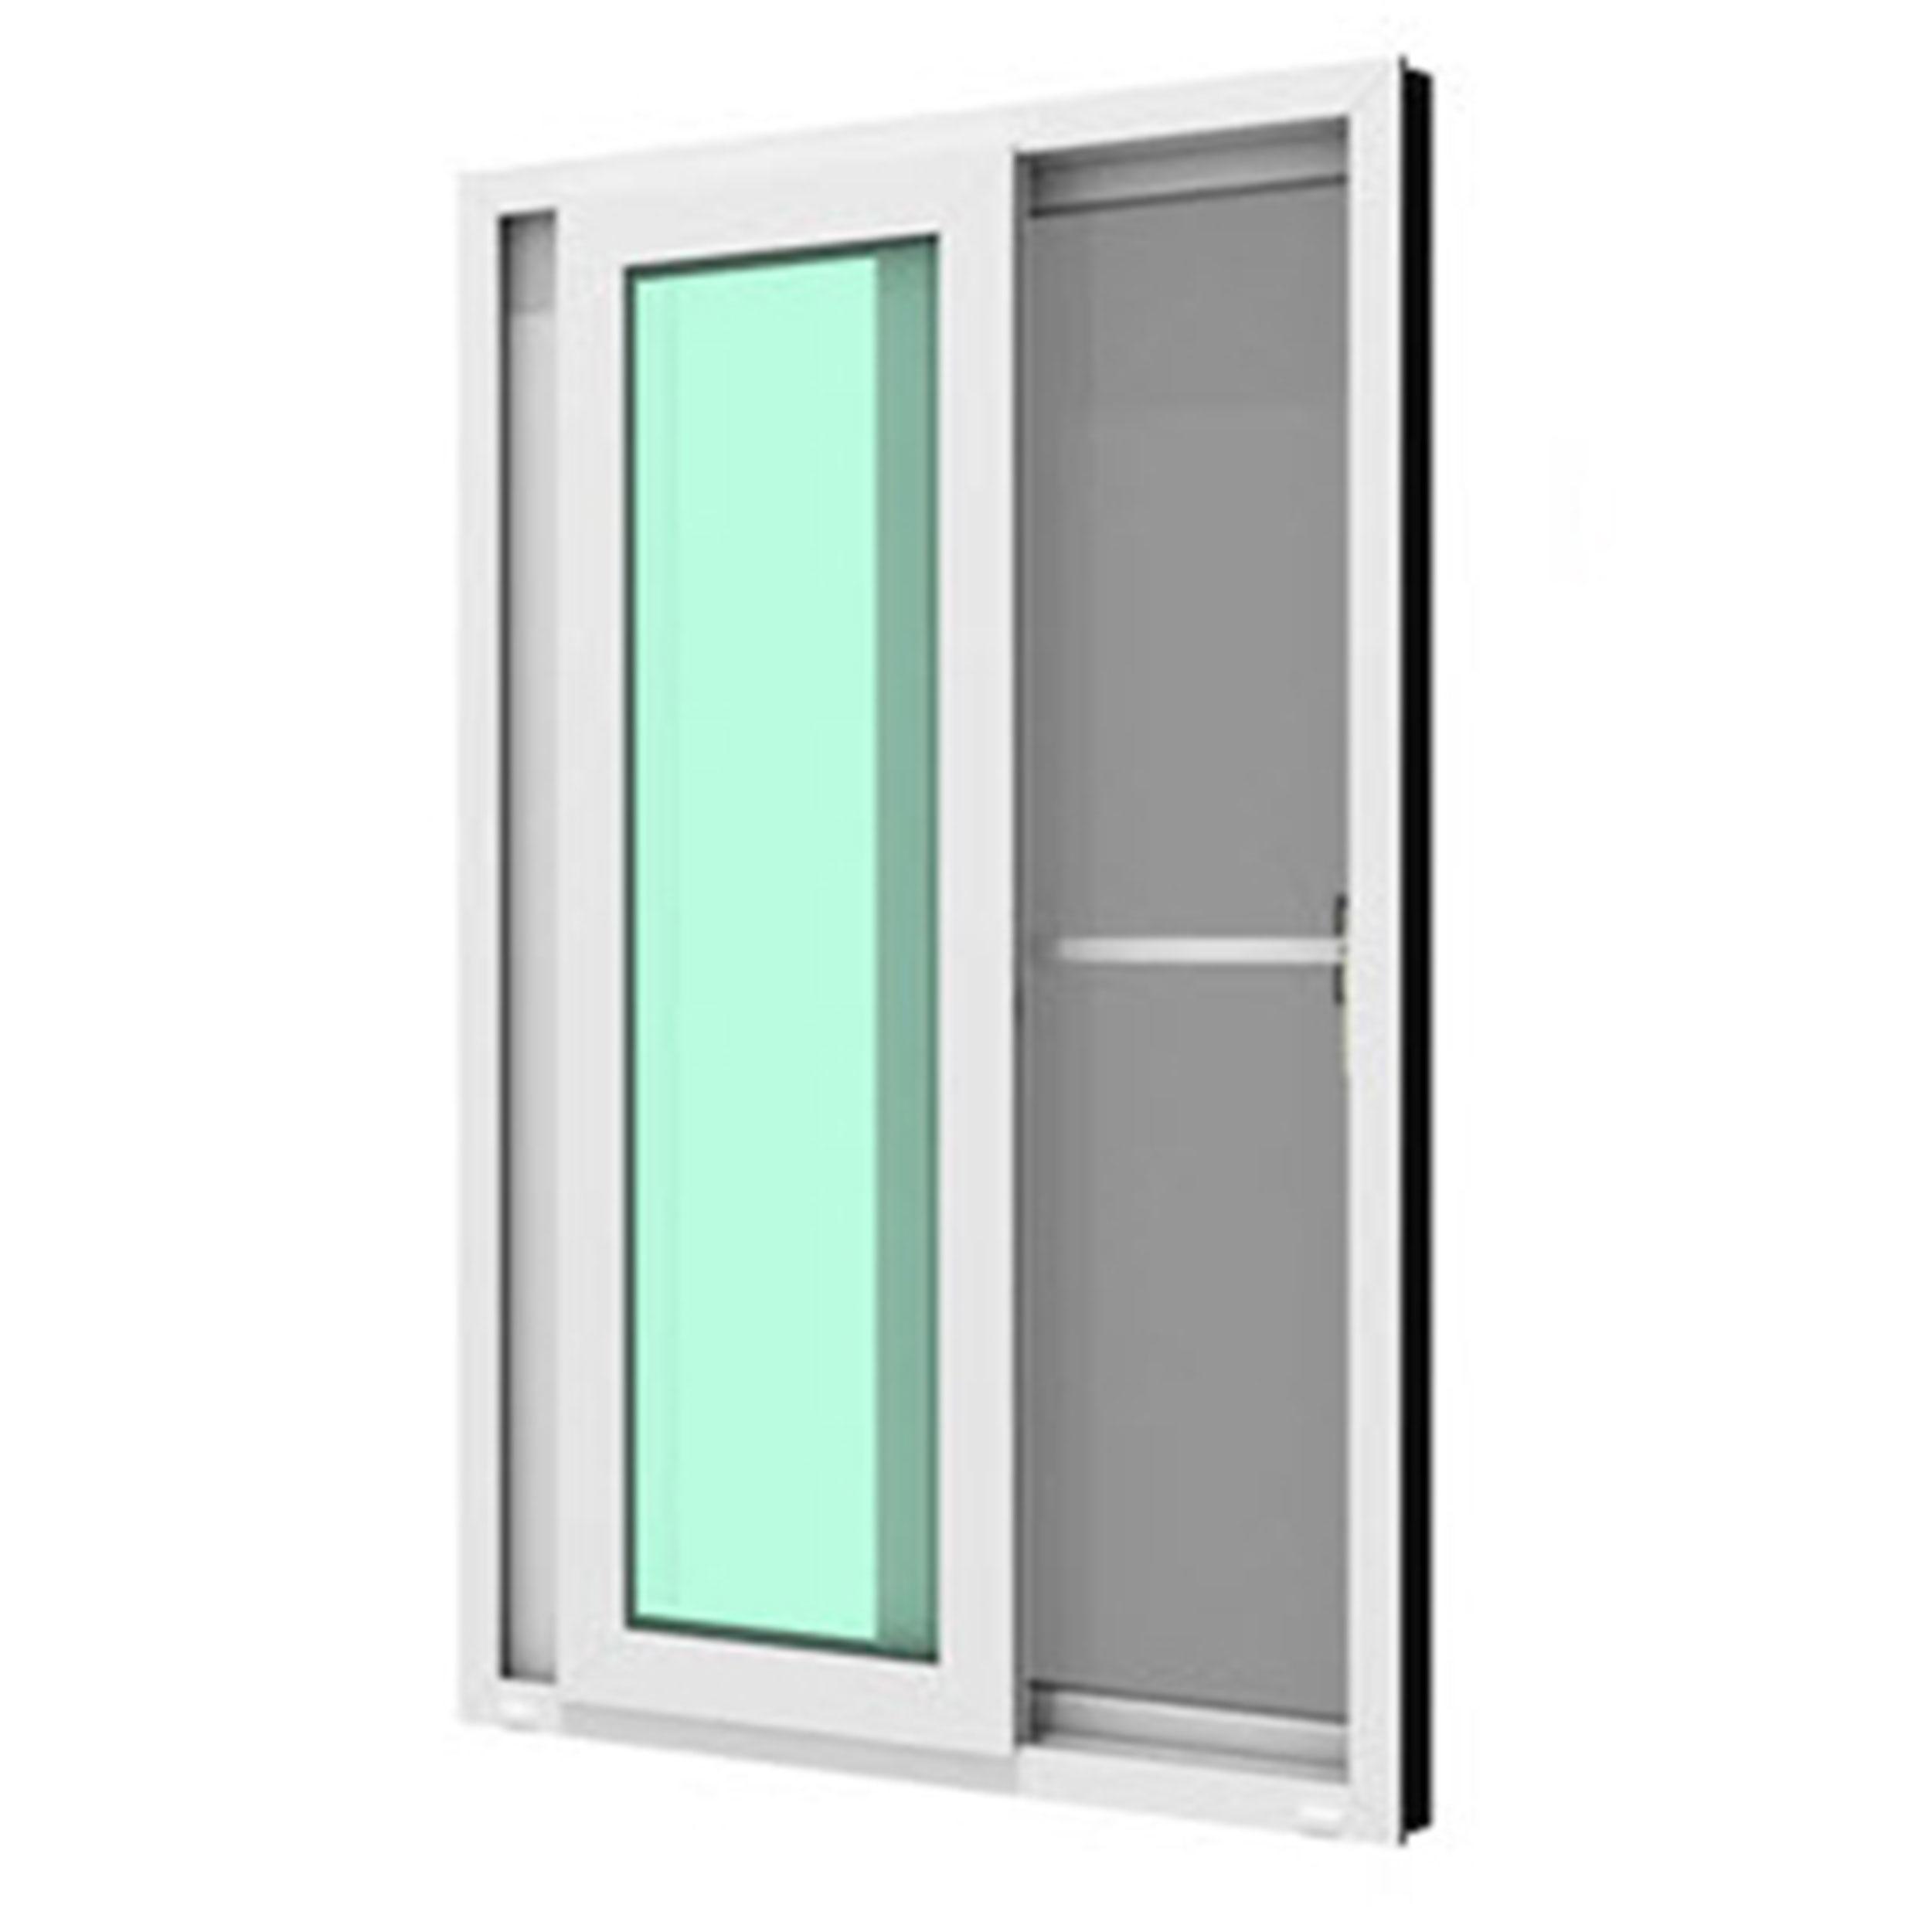 หน้าต่างบานเลื่อนคู่(เลื่อนสลับ) รุ่น SIGNATURE กระจกเขียวใส 6 มม.+มุ้งลวด